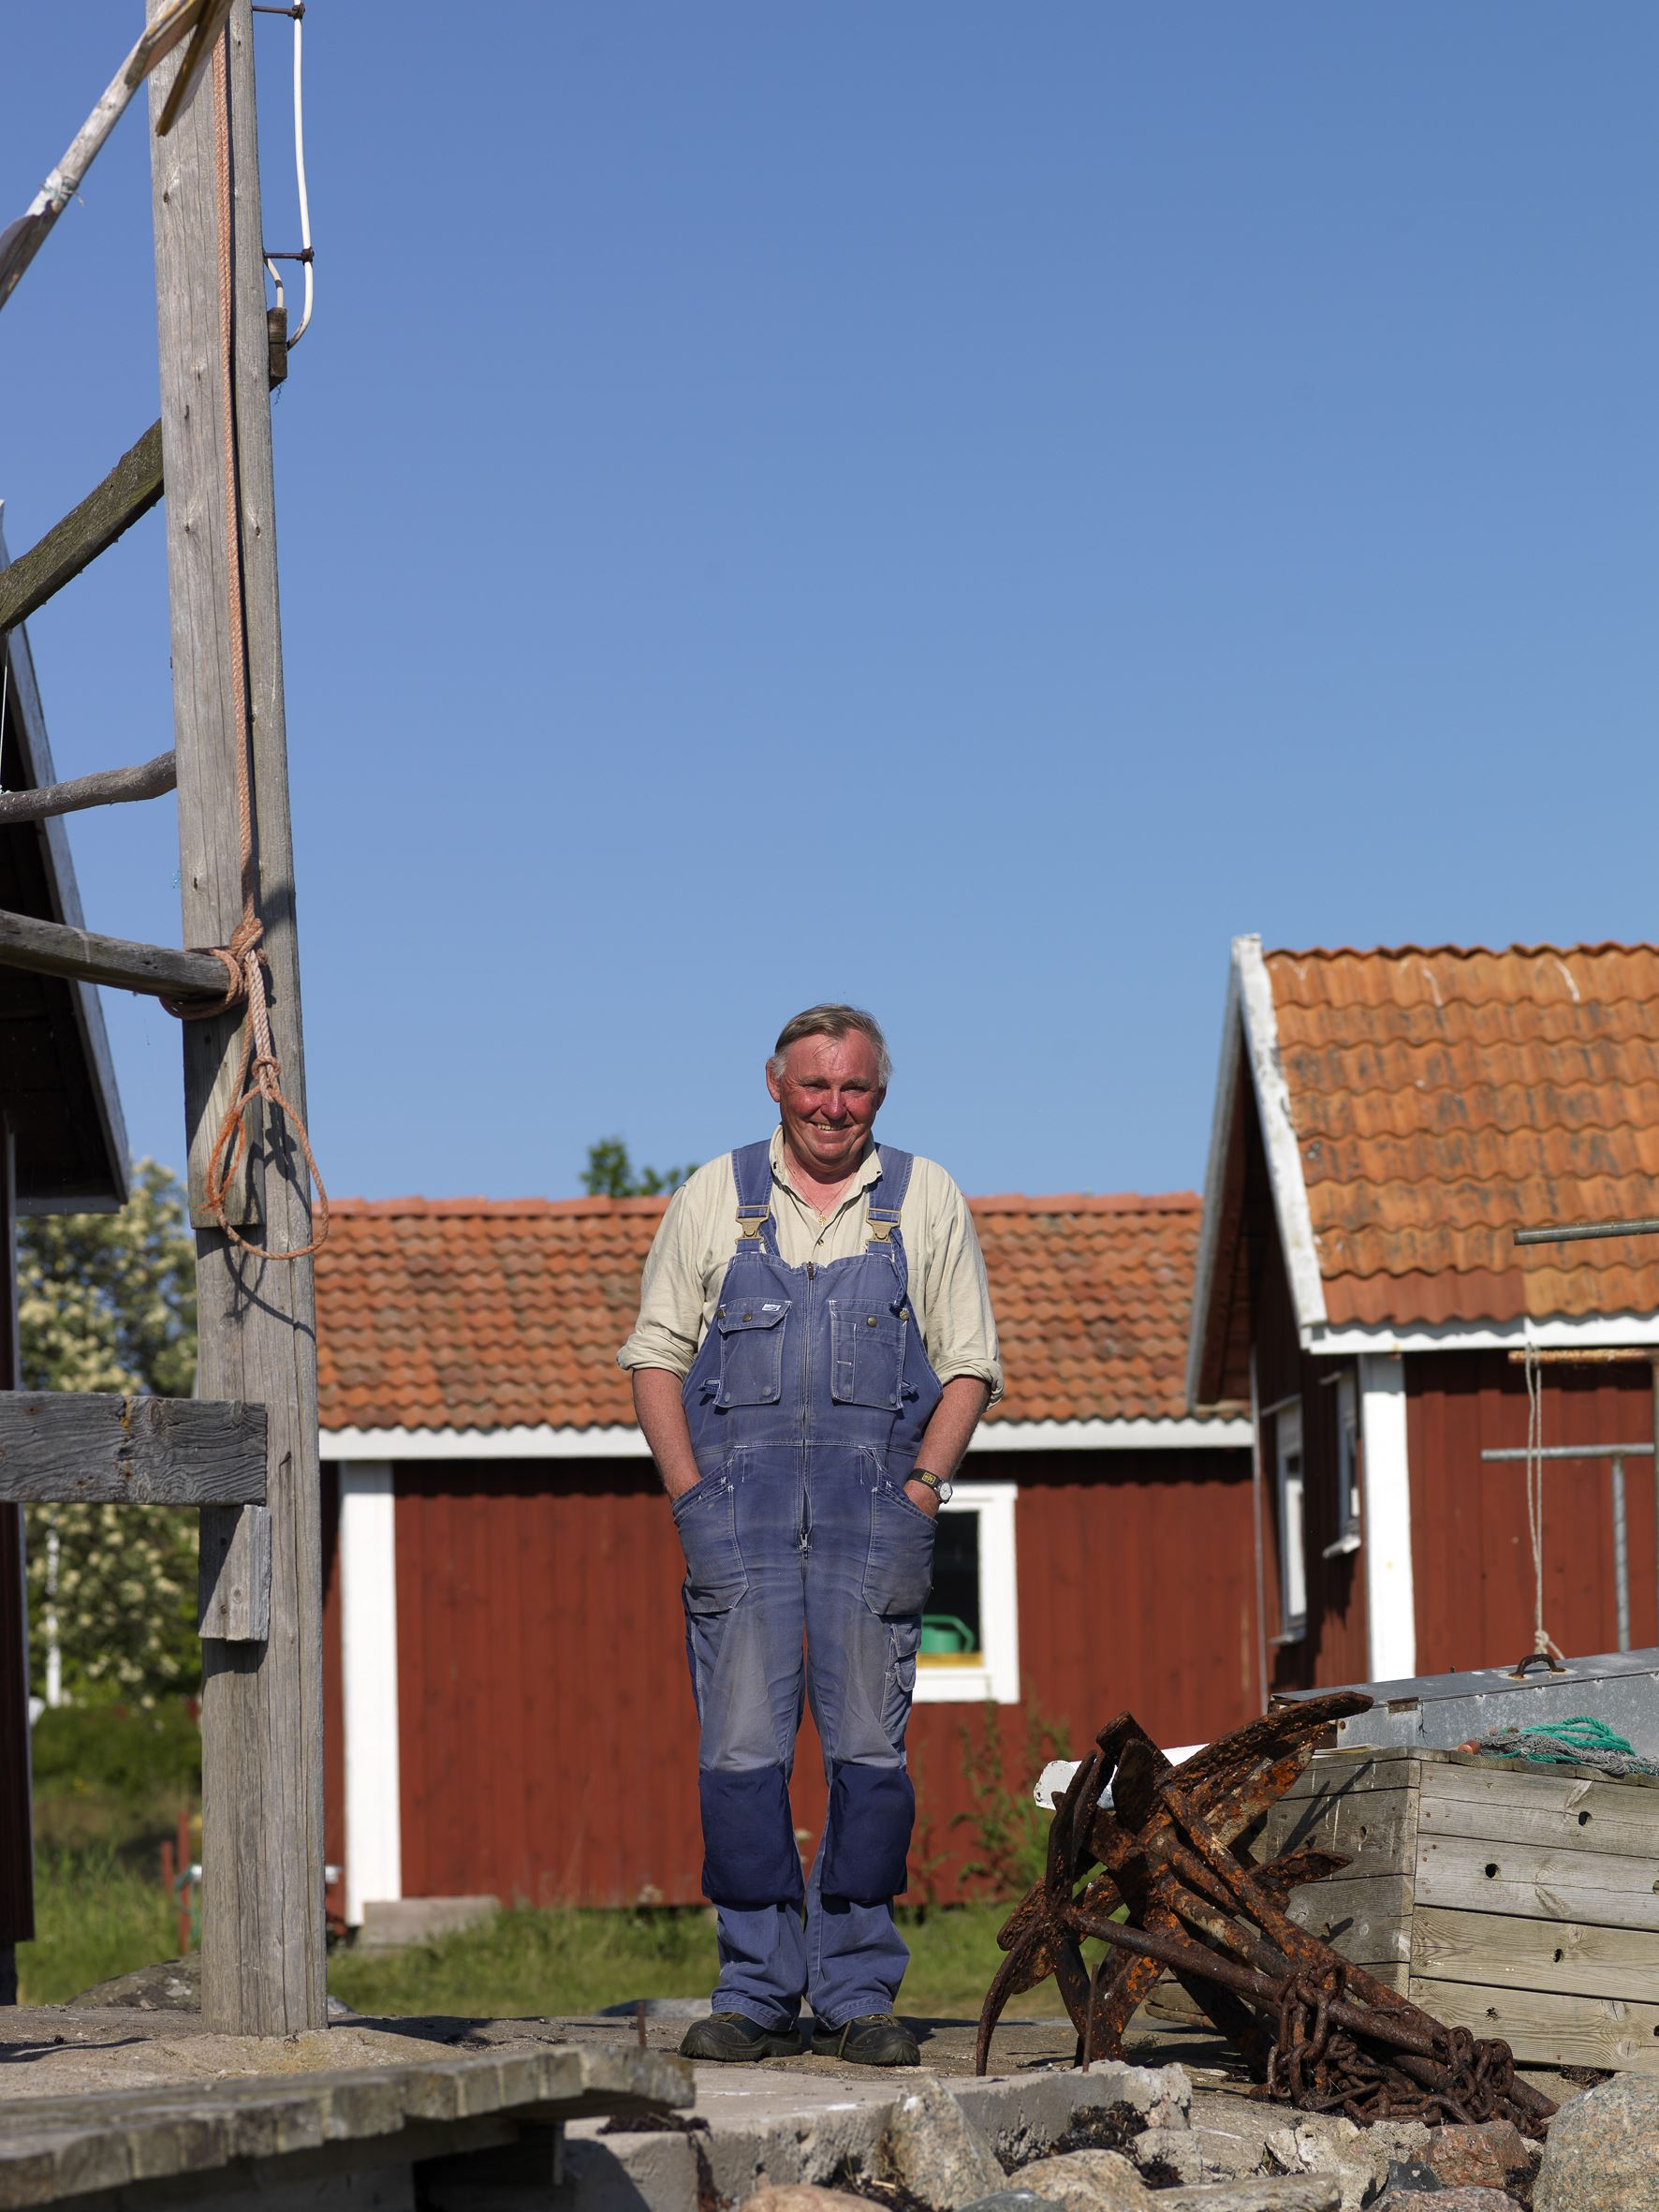 Dagsutflykt med guidad rundtur på Hasselö